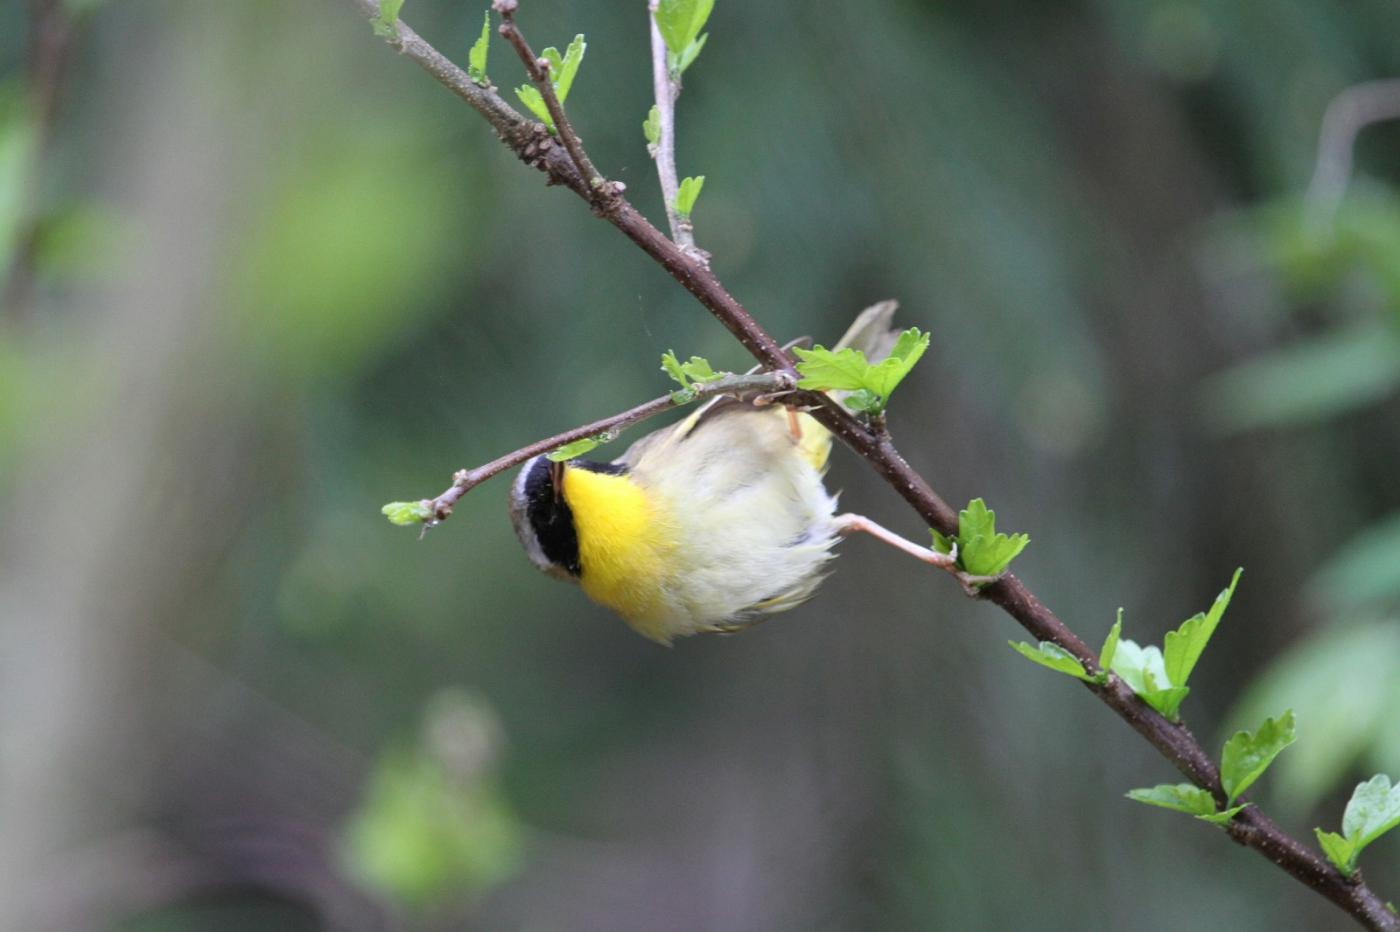 【田螺摄影】雨后窗外的小黄鸟_图1-9